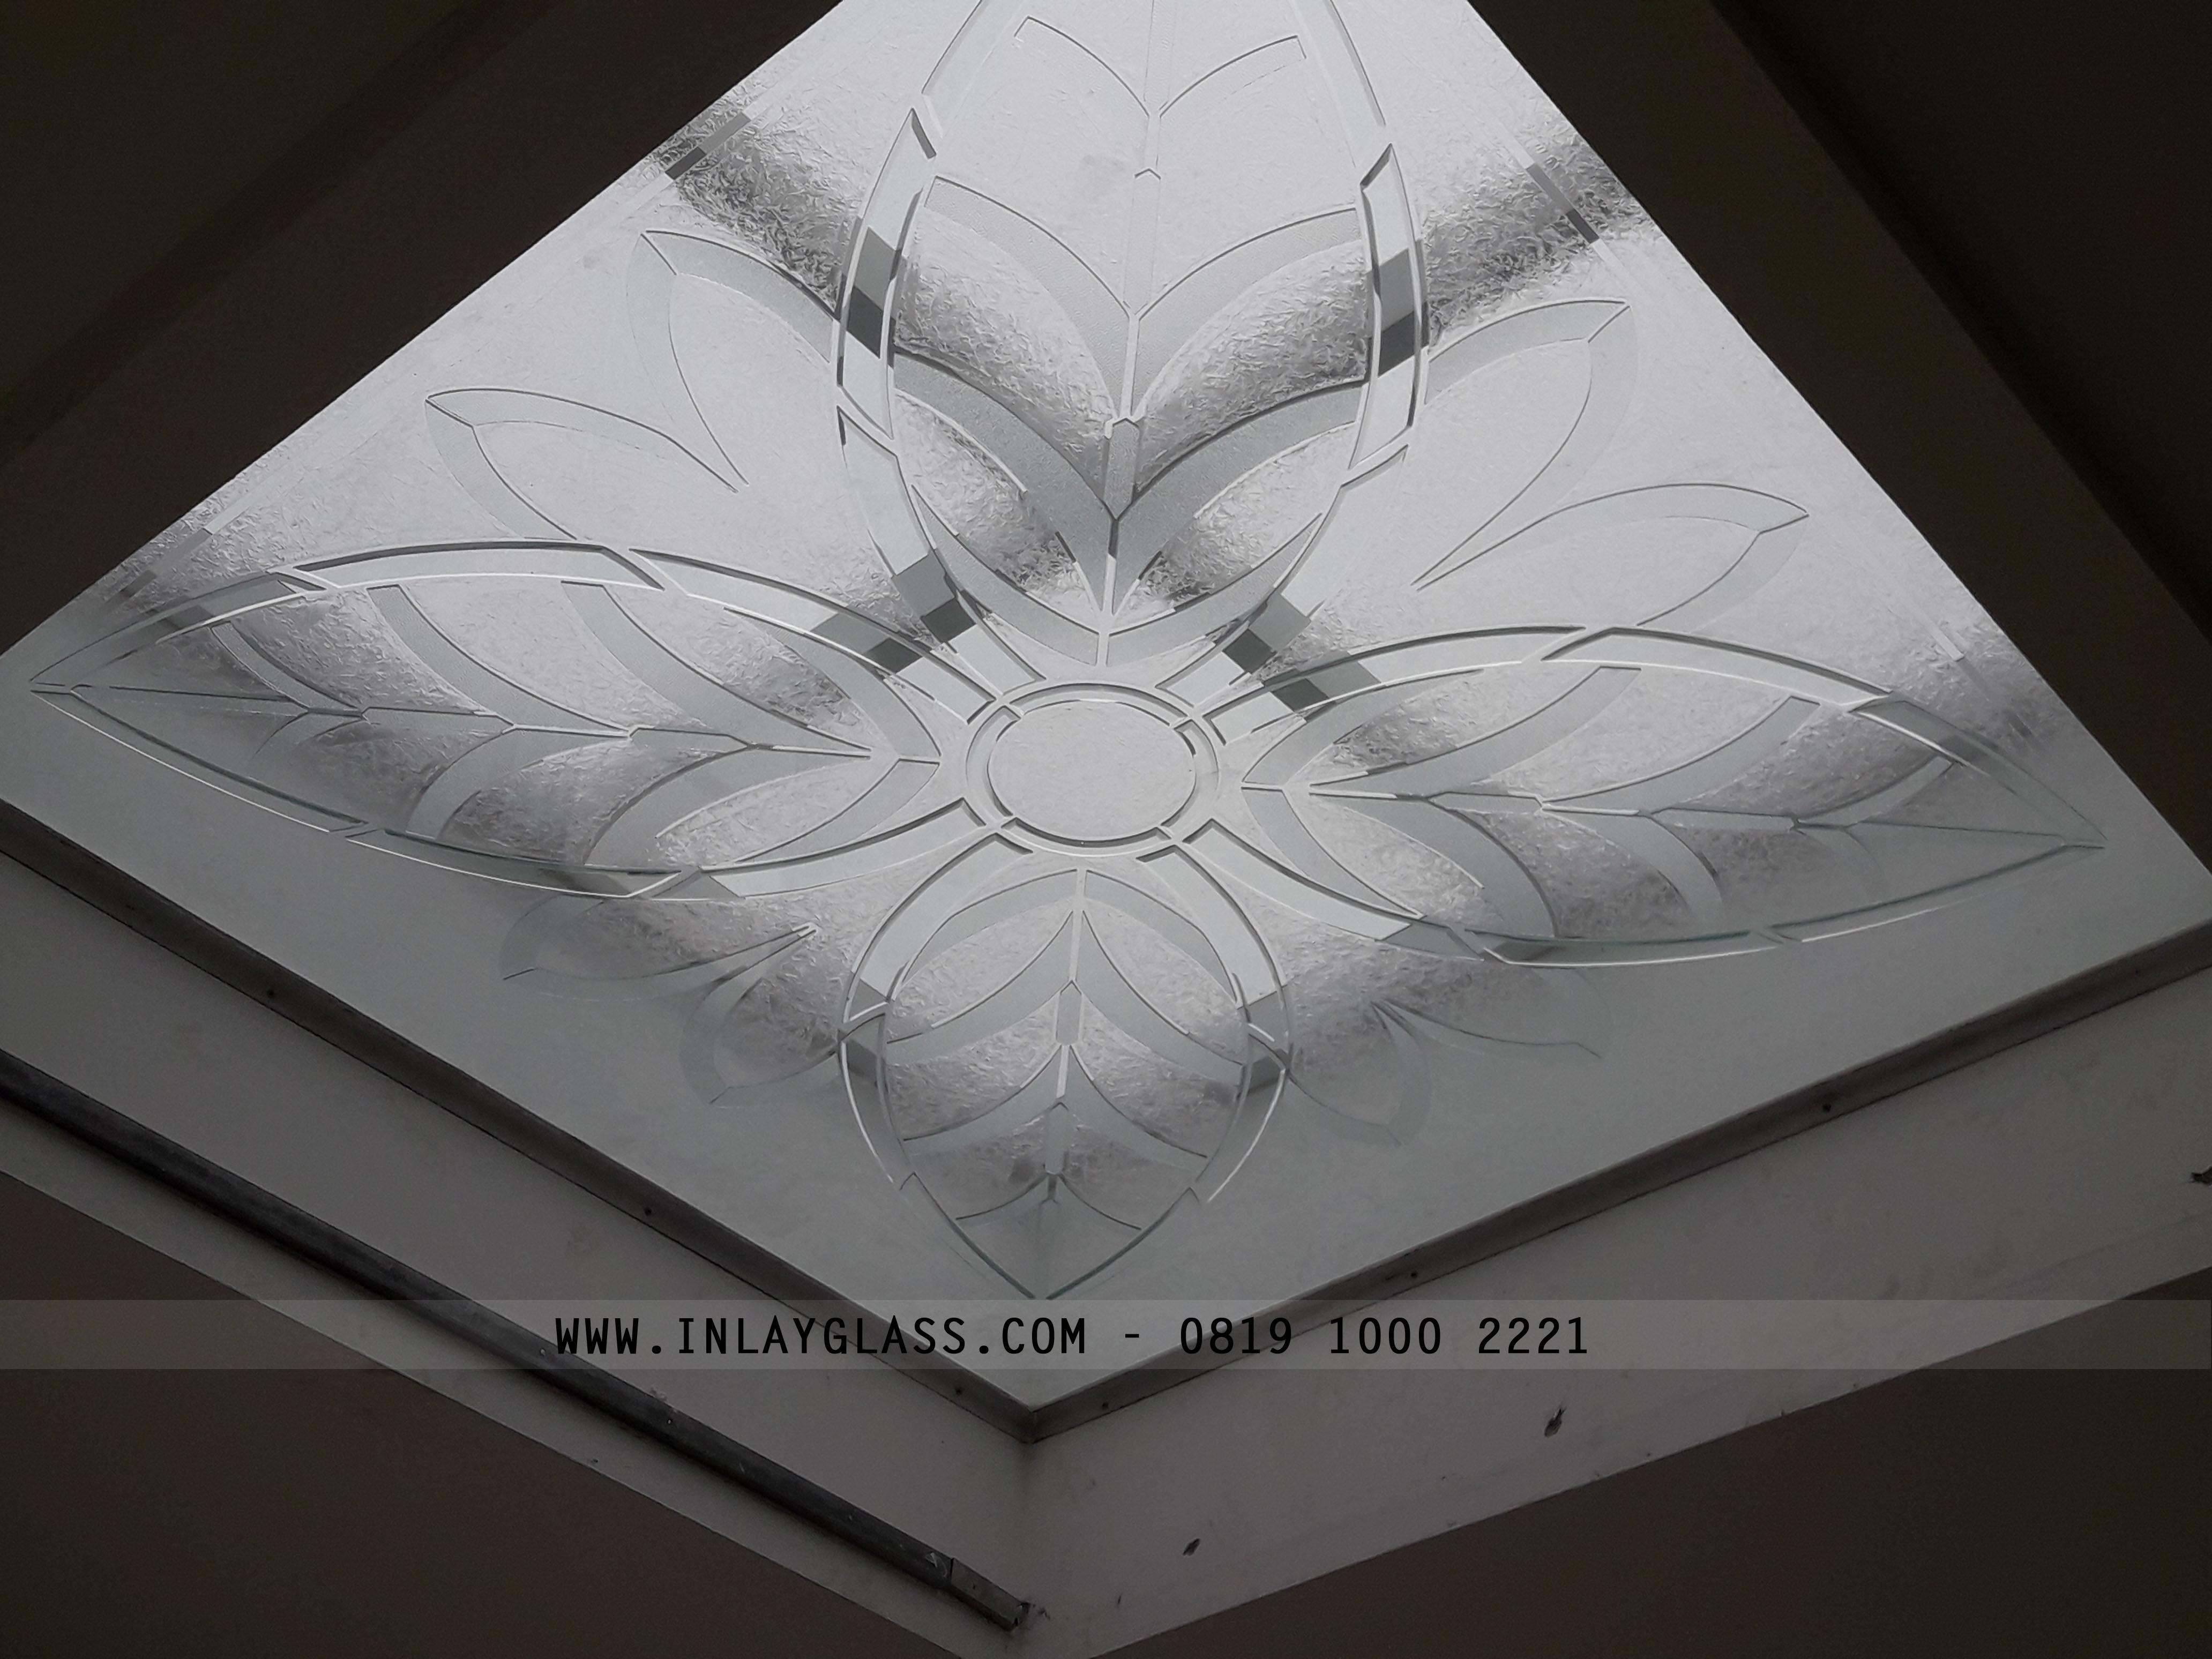 Jasa Pembuatan Kaca Inlay Untuk Atap Skylight – Pengrajin Kaca Dekorasi